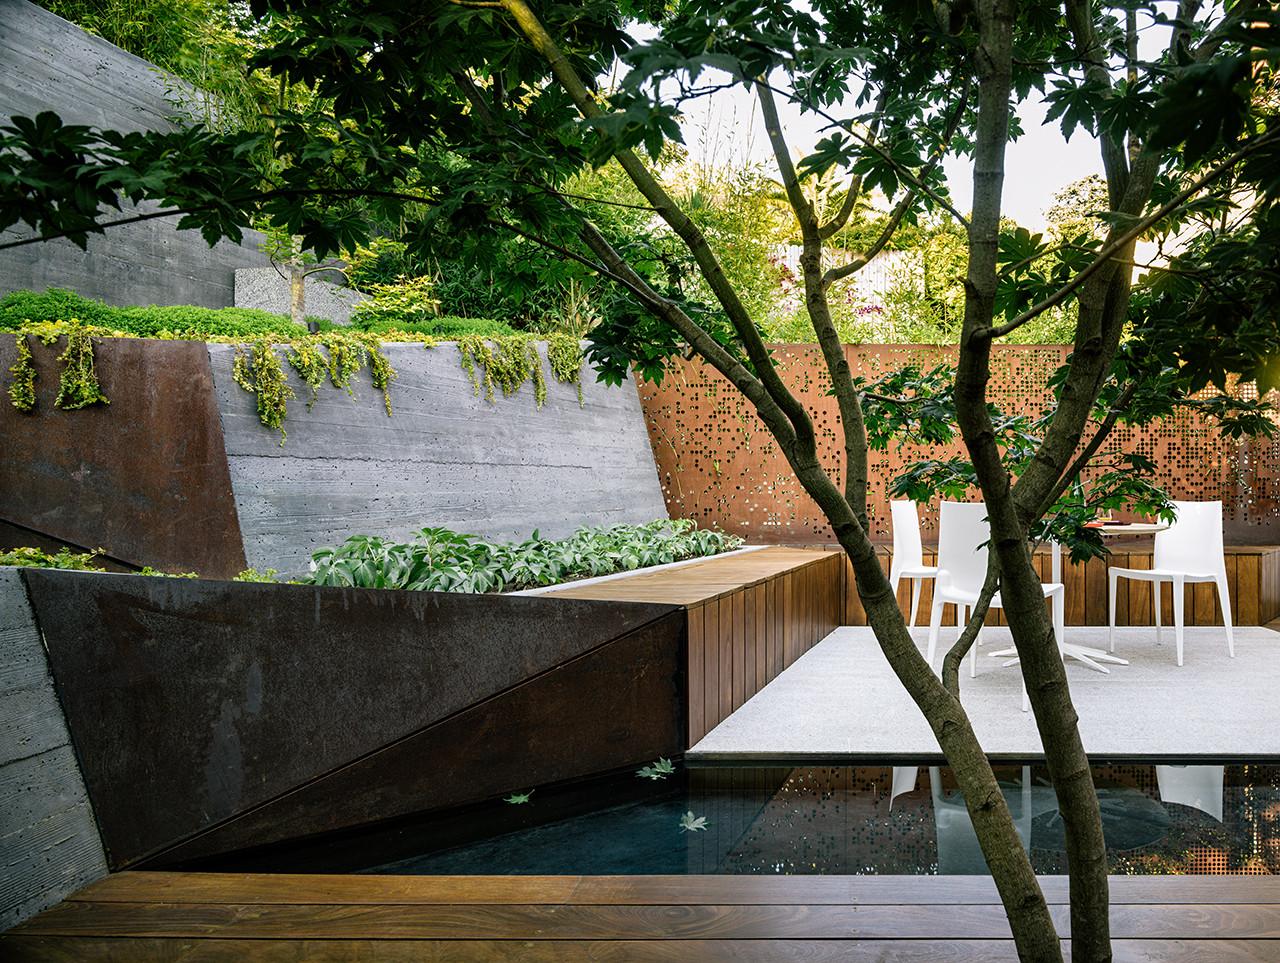 Arquitectura y Paisaje: Hilgard Garden, una sala de estar al aire libre por Mary Barensfeld Architecture